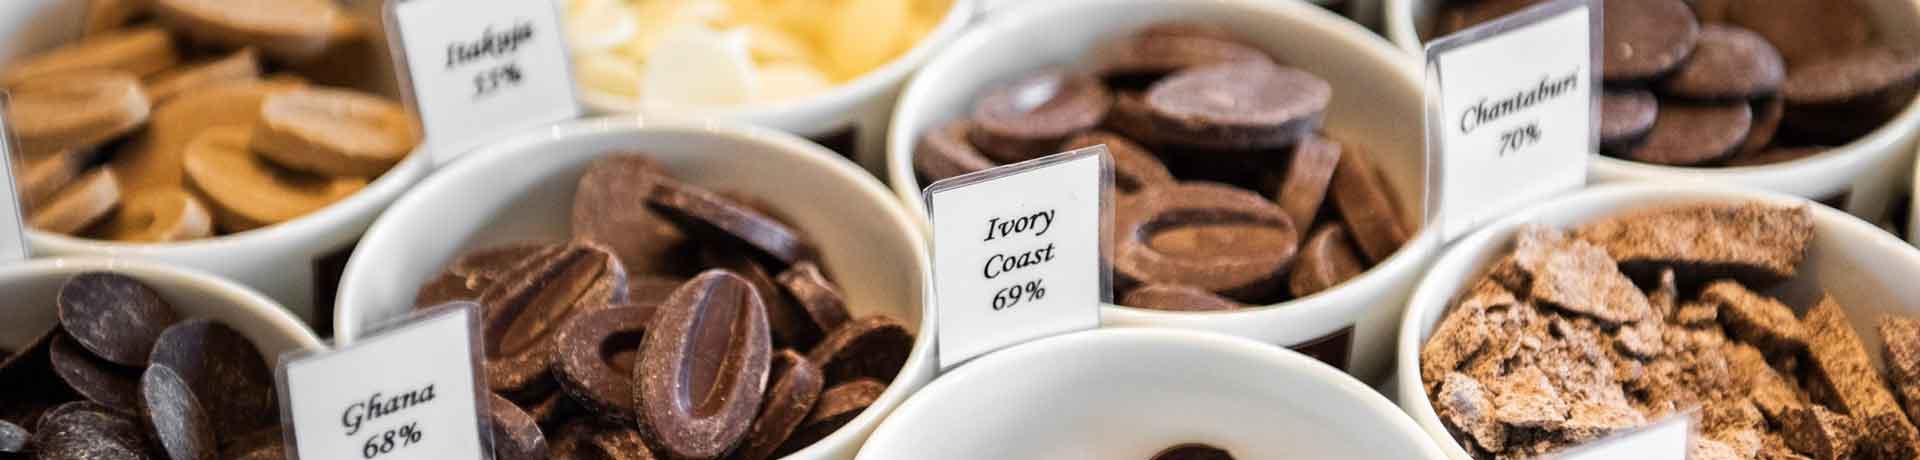 チョコレートビュッフェ